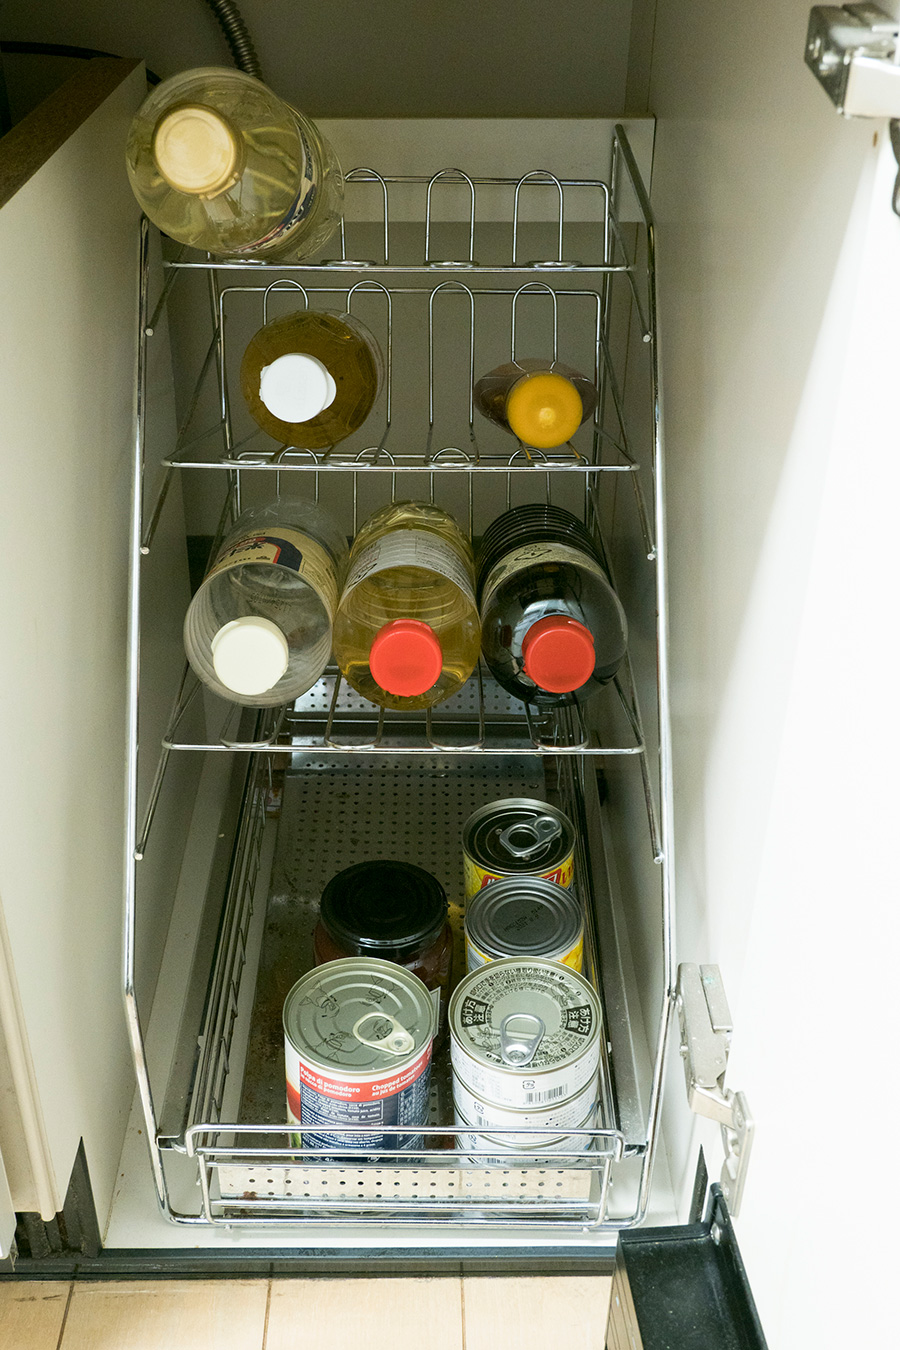 調味料類、食材ストックはこれだけ。余白があることで必要なものをさっと手にすることができる。